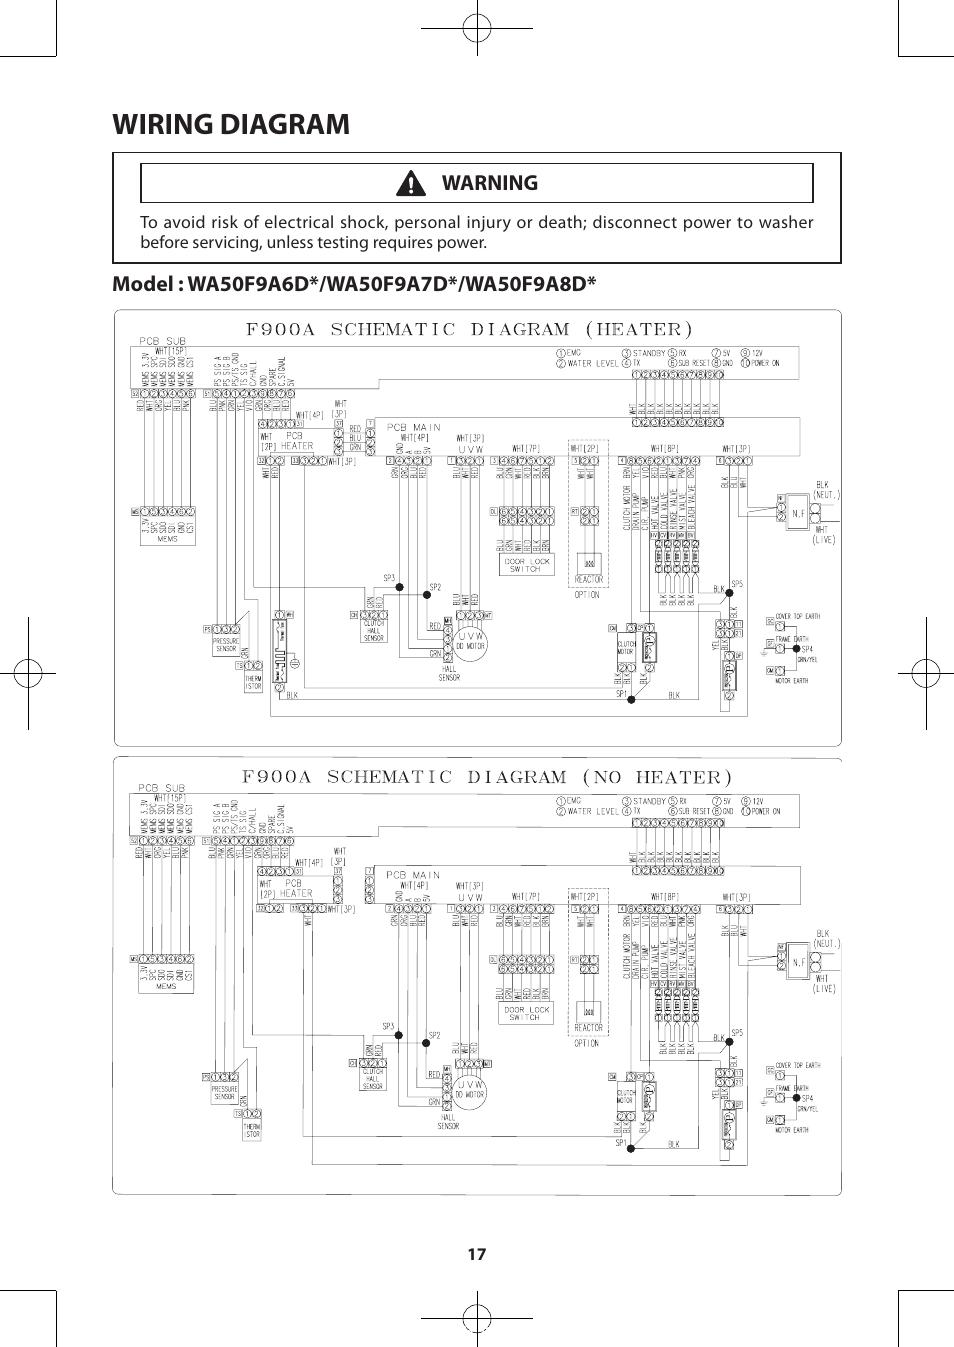 Wiring Diagram Garmin | Find image on